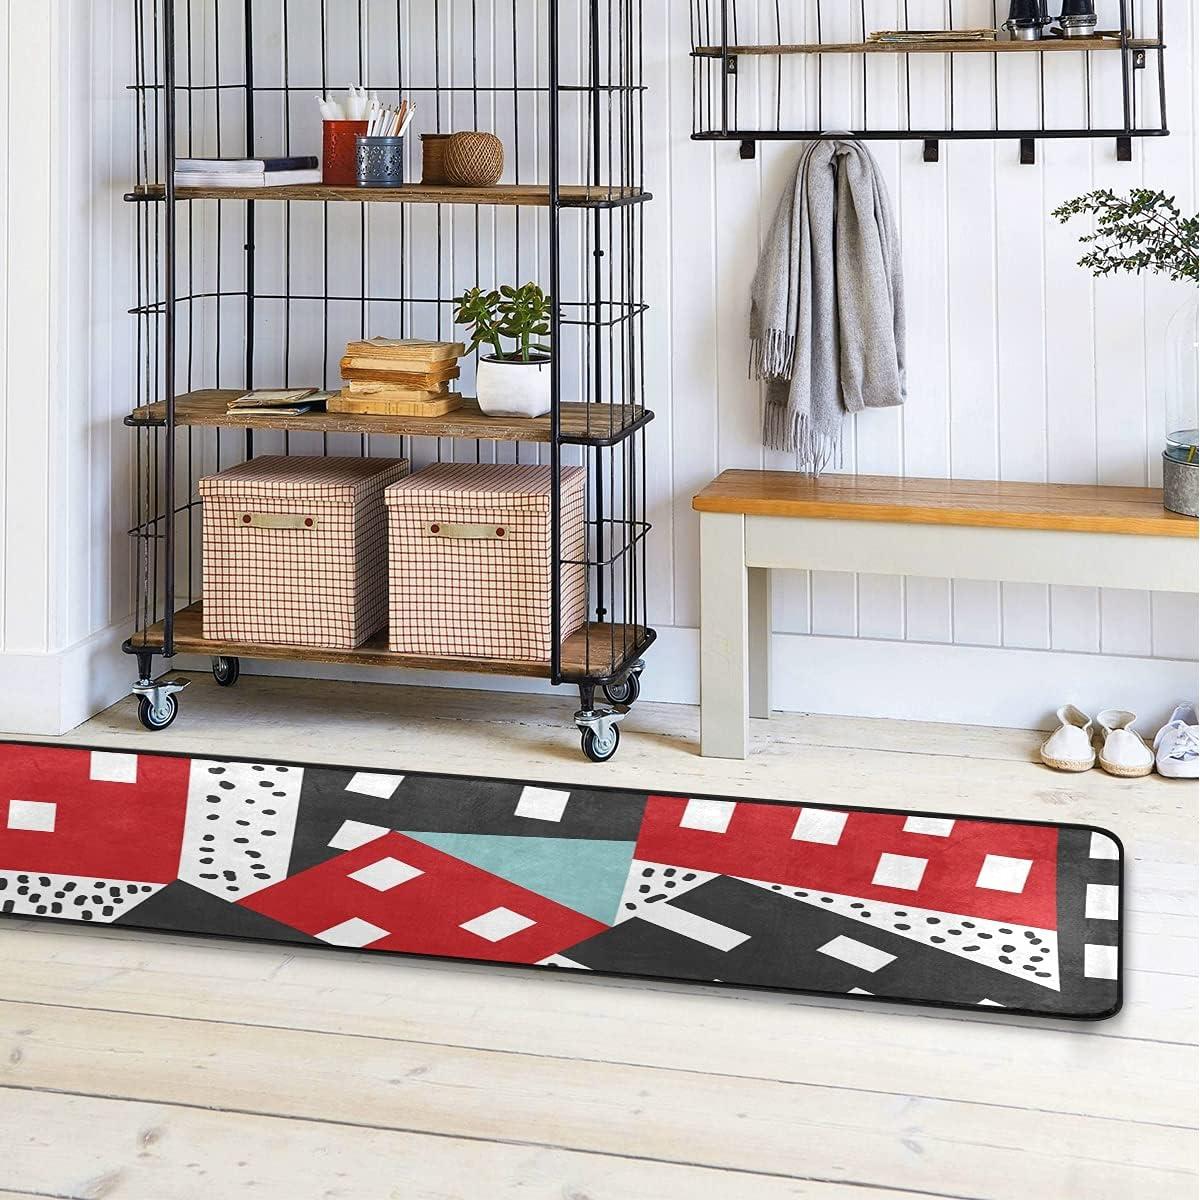 Topics on TV MALPLENA Reverse Color Houses Kitchen Runner R New mail order Rug Modern